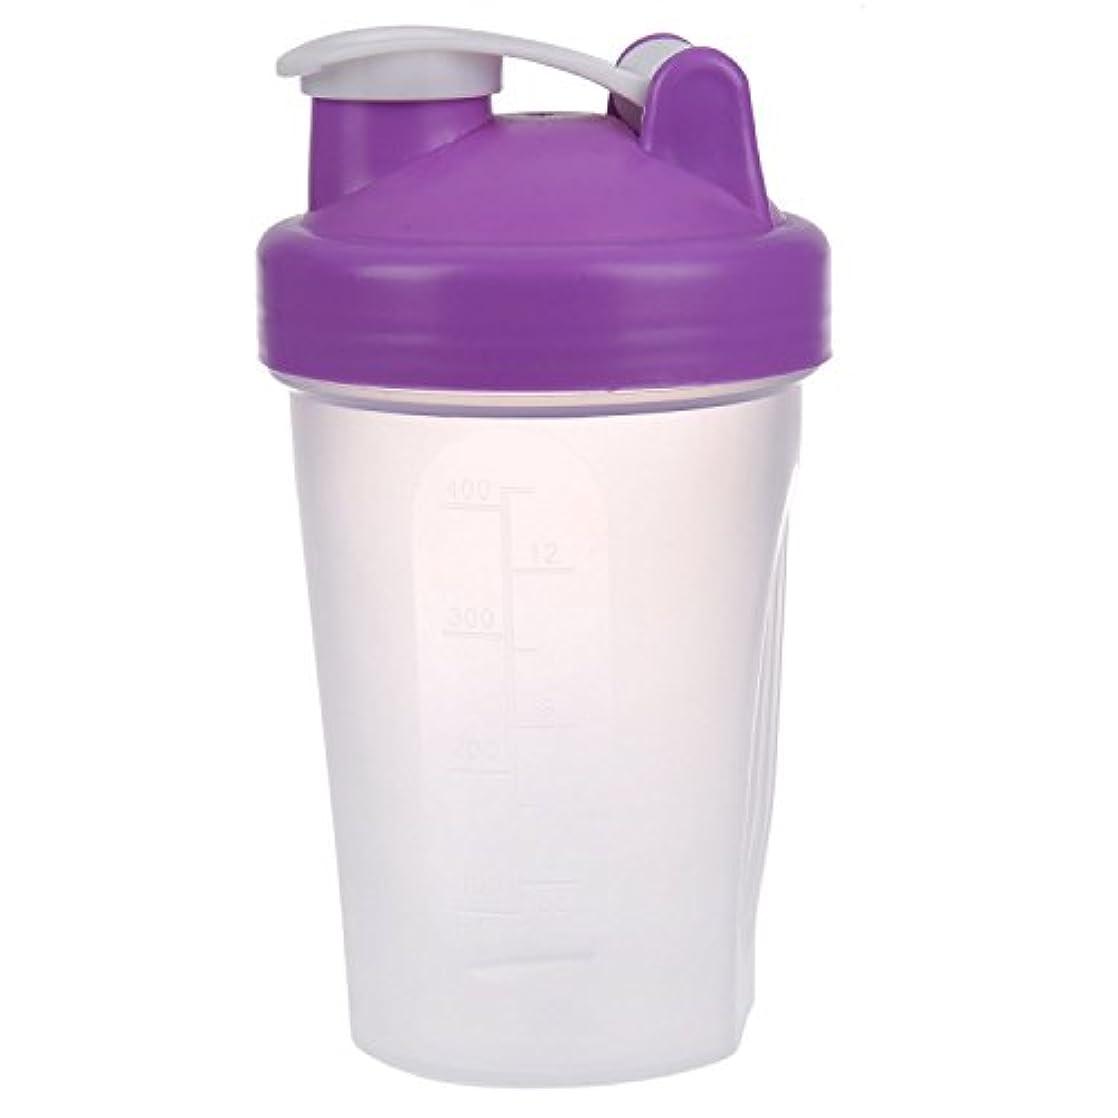 義務的弱点アブストラクトTOOGOO スマートシェイク ジムプロテインシェーカー ミキサーカップミキサーボトル 紫